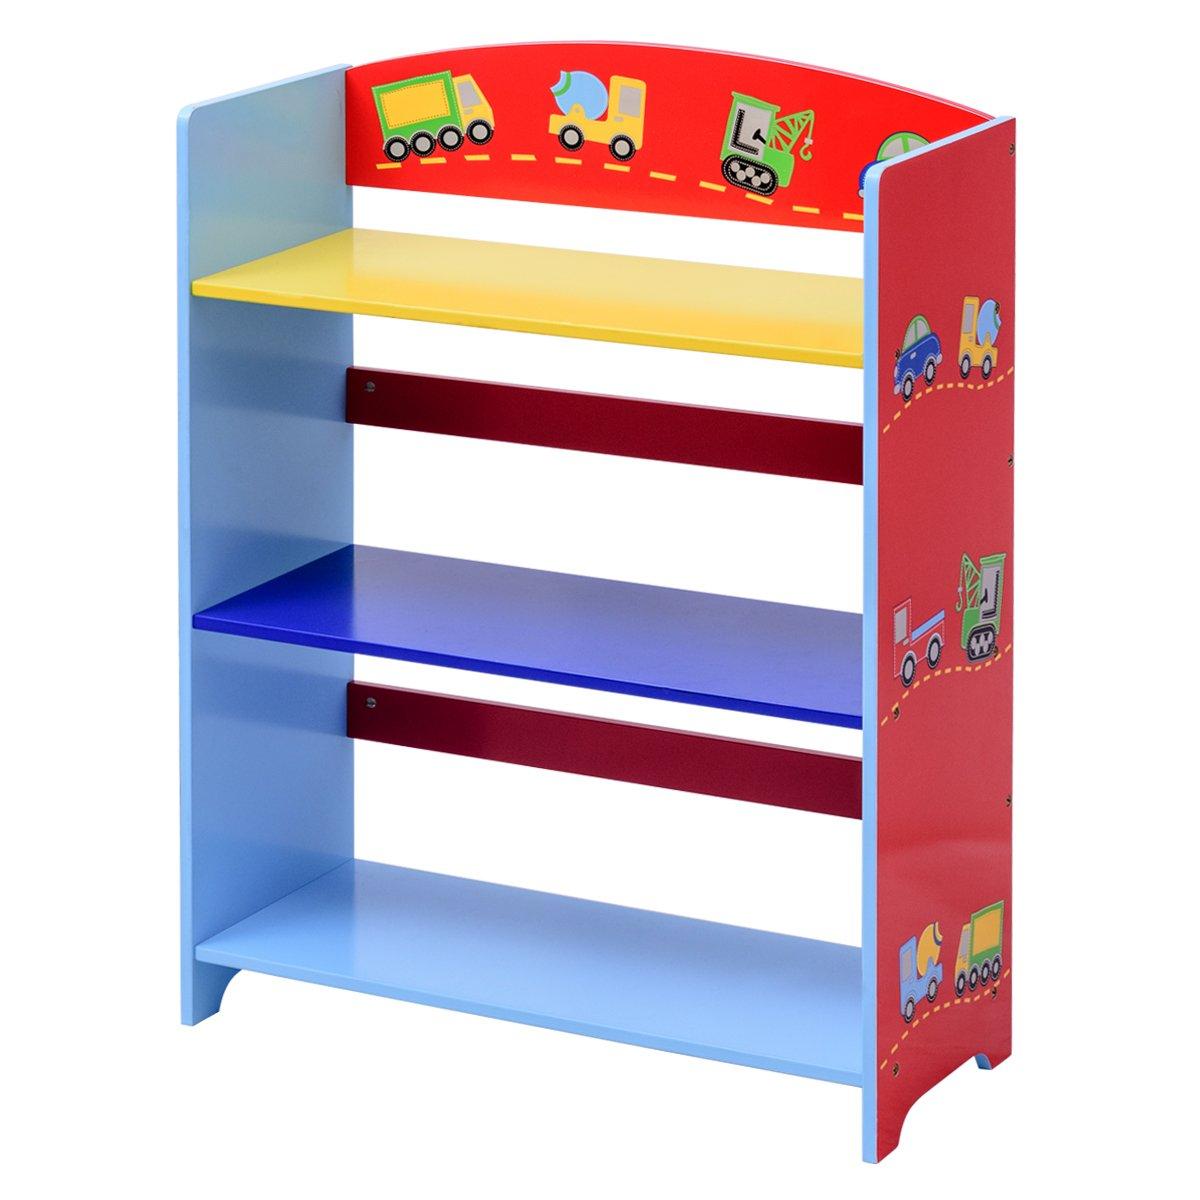 Kinder Bücherregal Kinderregal Aufbewahrungsregal Standschrank Bücherschrank Spielzeugregal mit 3 Fächern Blitzzauber 24